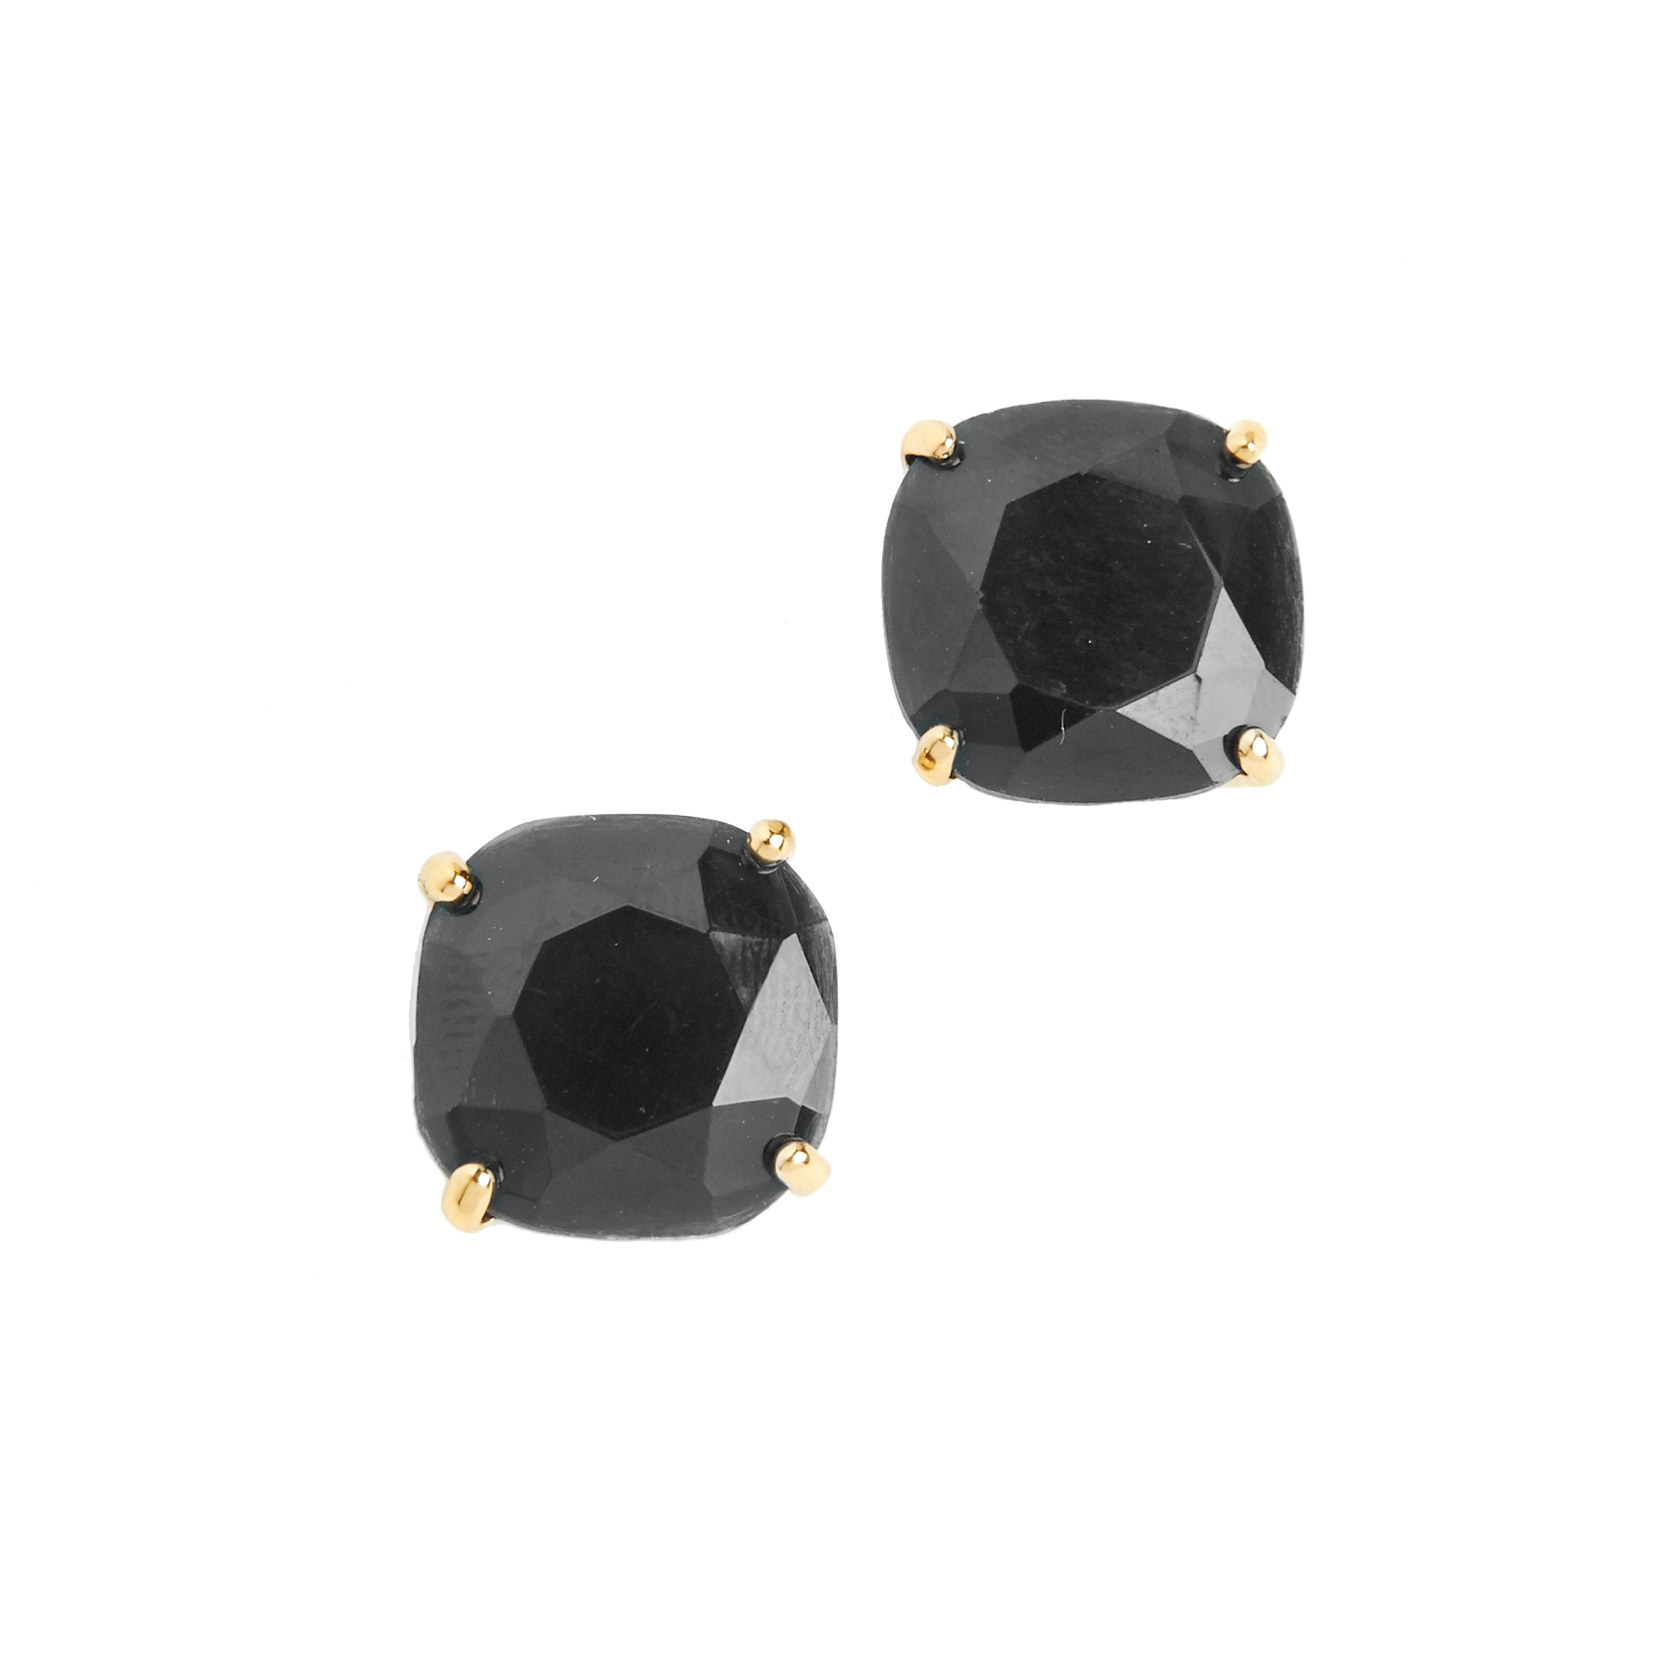 Tanger Outlets Kate Spade black stud earrings